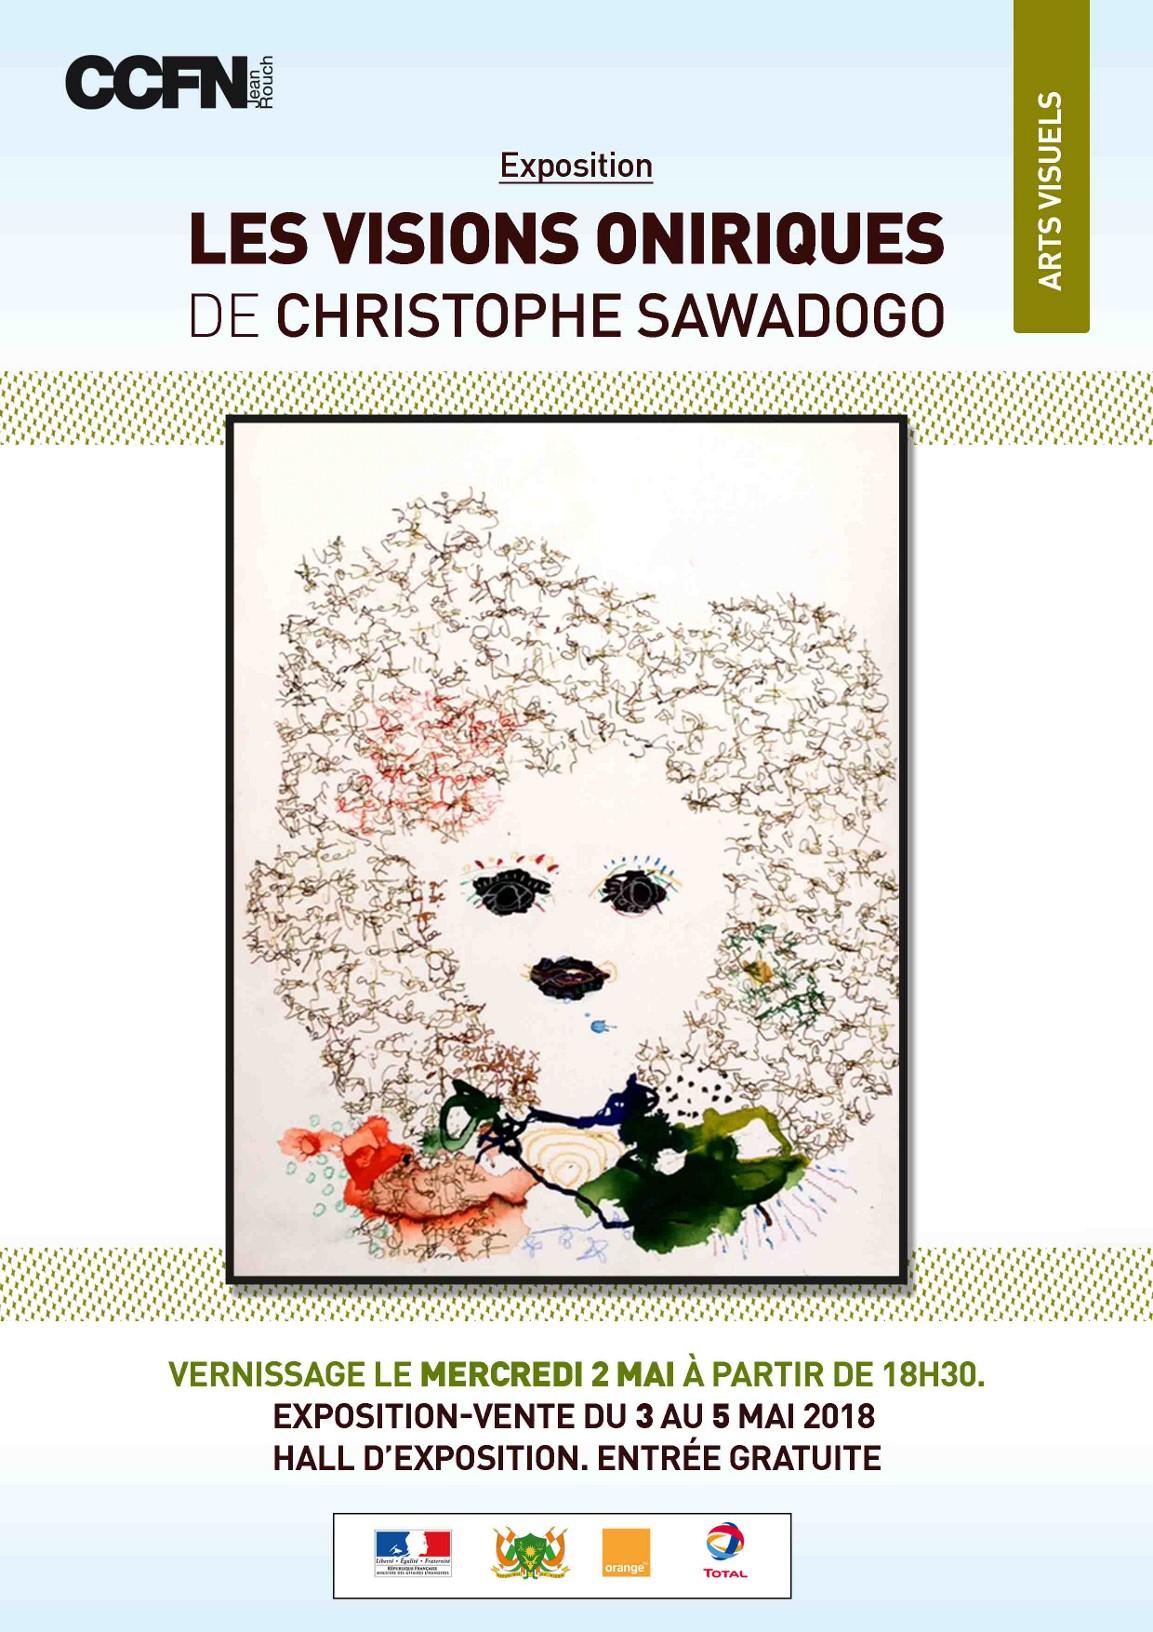 Expo sawadogo